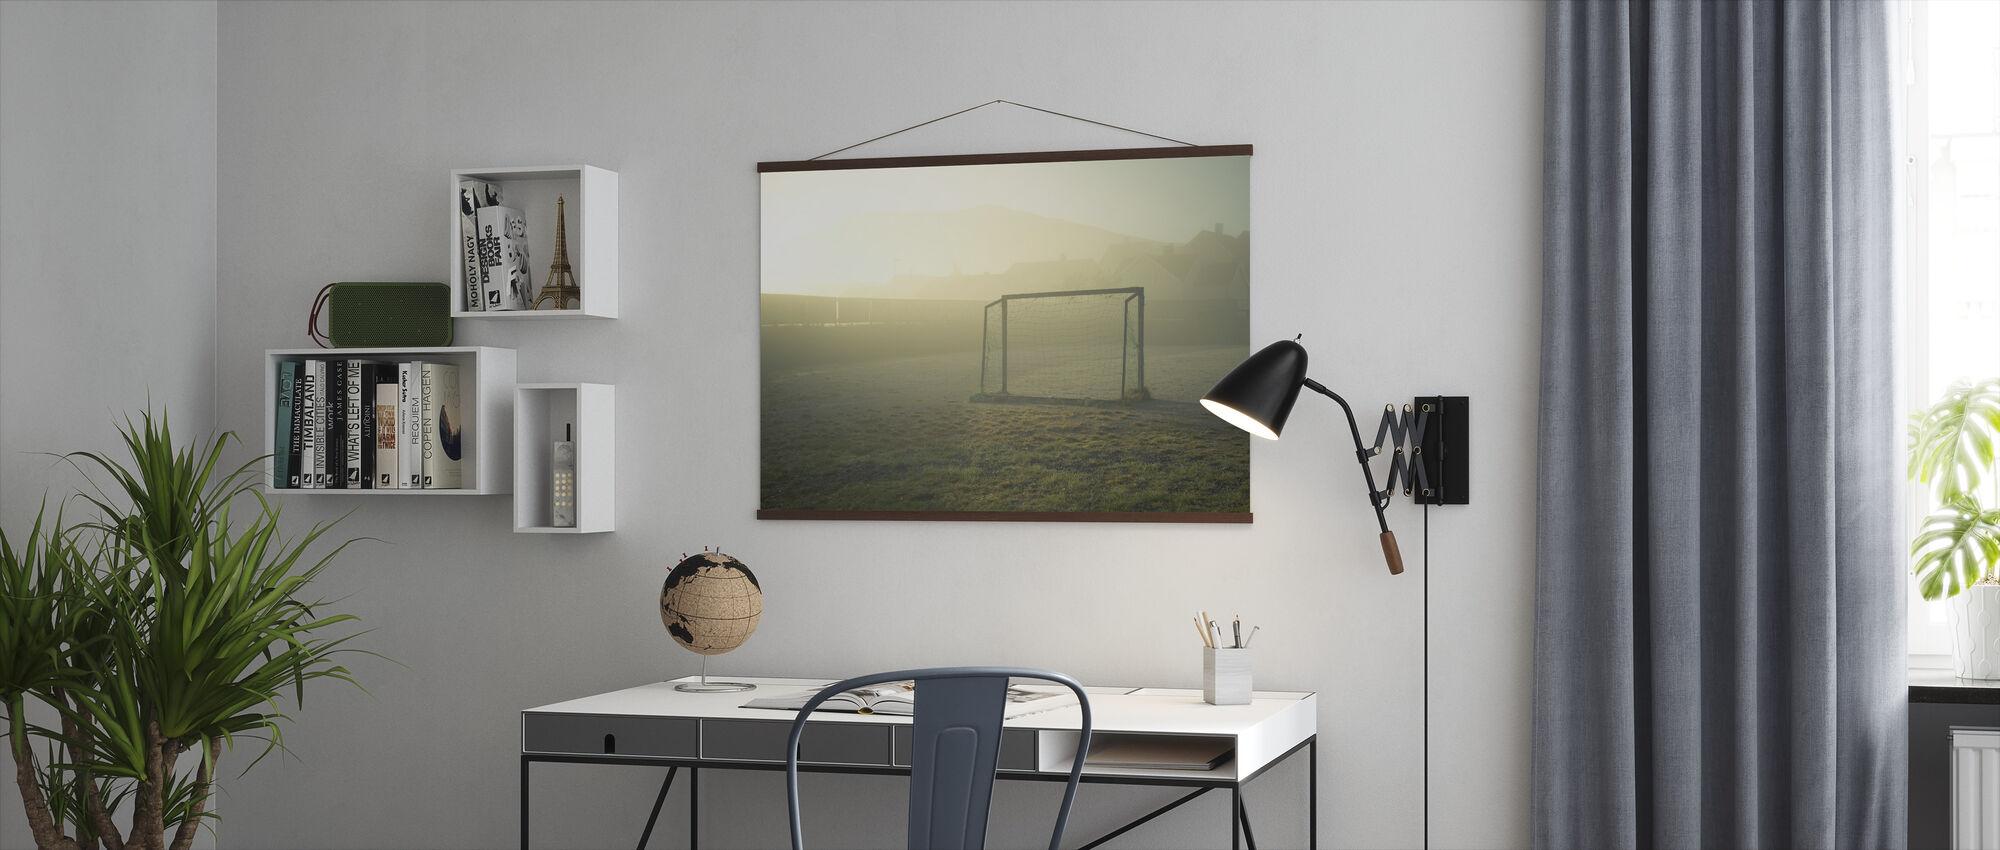 Voetbalveld in zonlicht - Poster - Kantoor